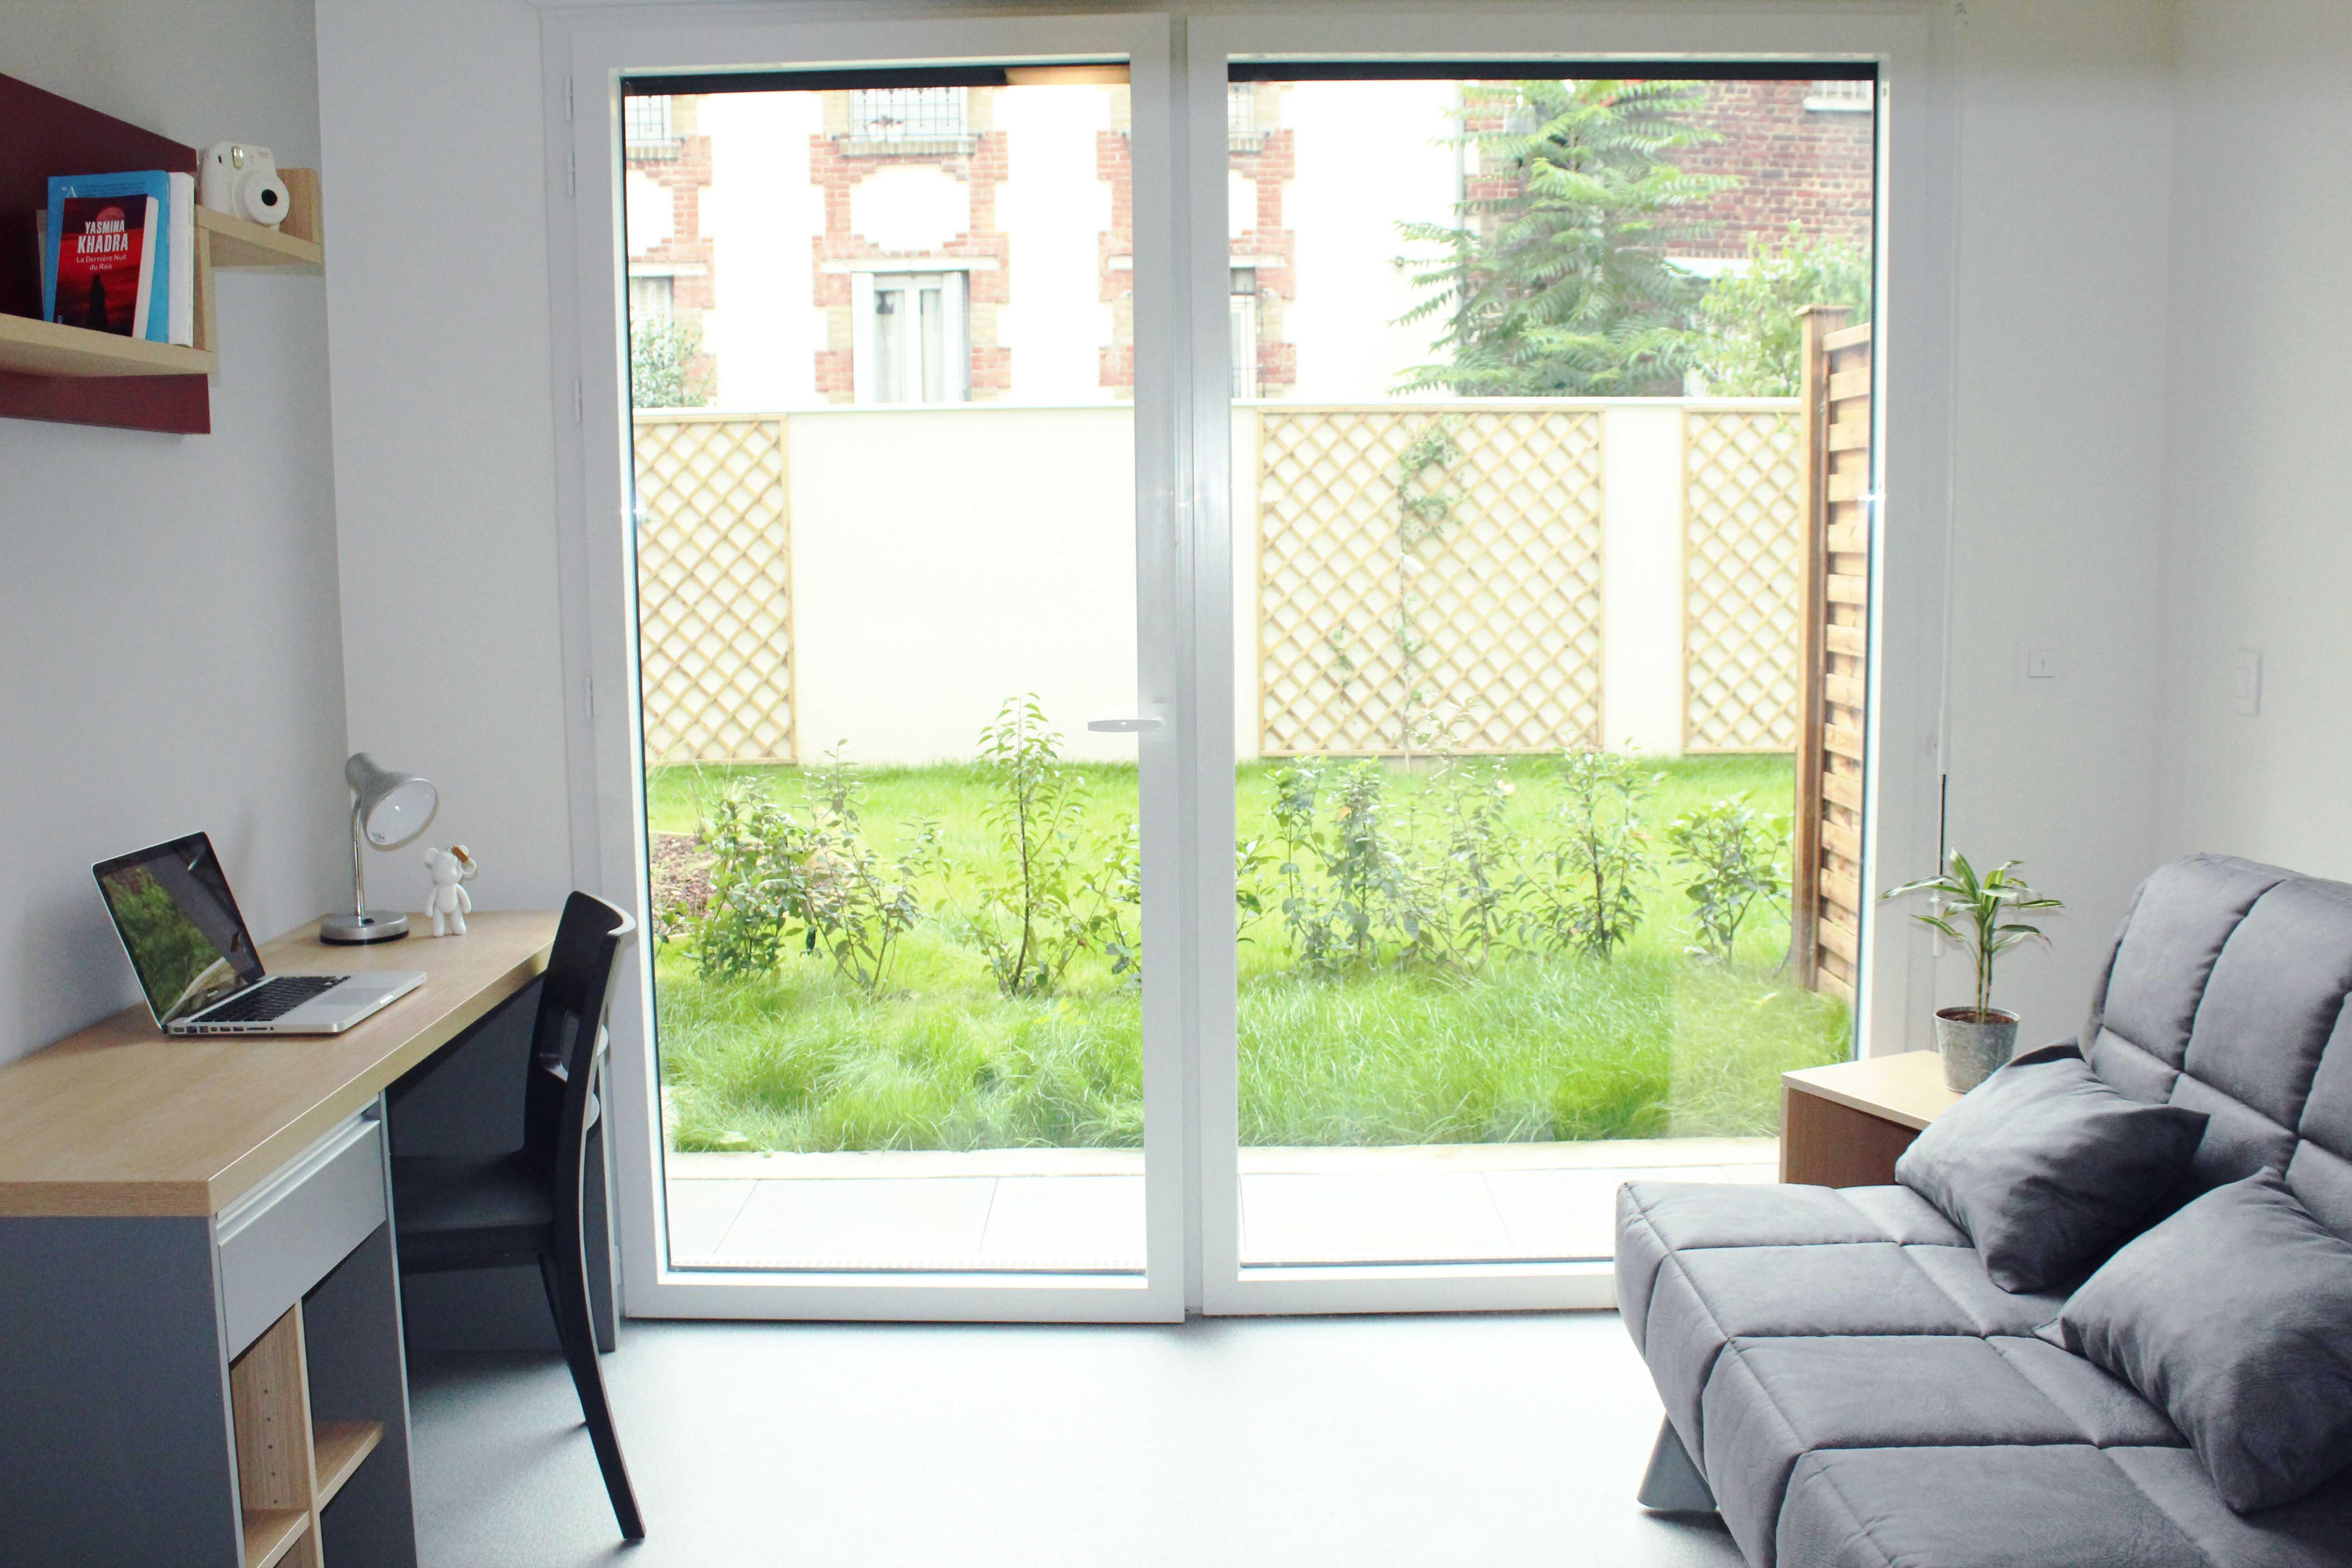 azimut 92 700 colombes r sidence service tudiant. Black Bedroom Furniture Sets. Home Design Ideas